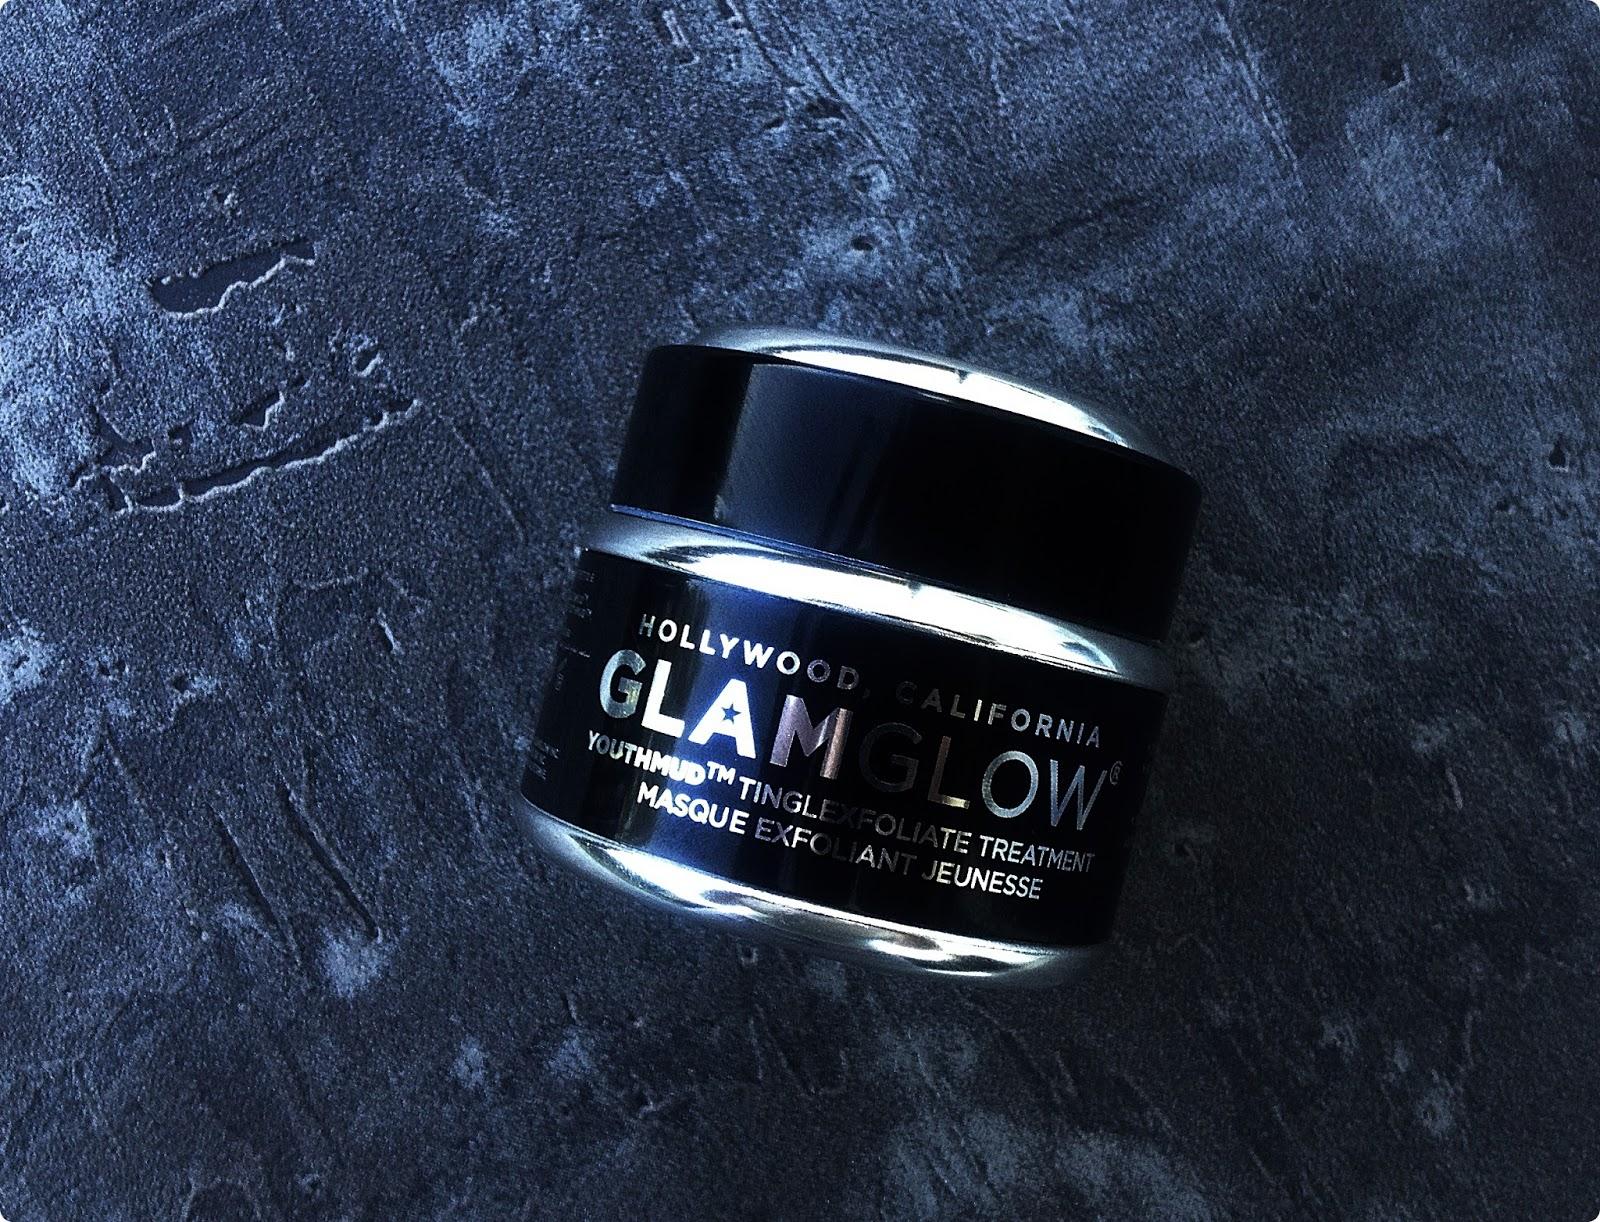 Czarna maska Glamglow